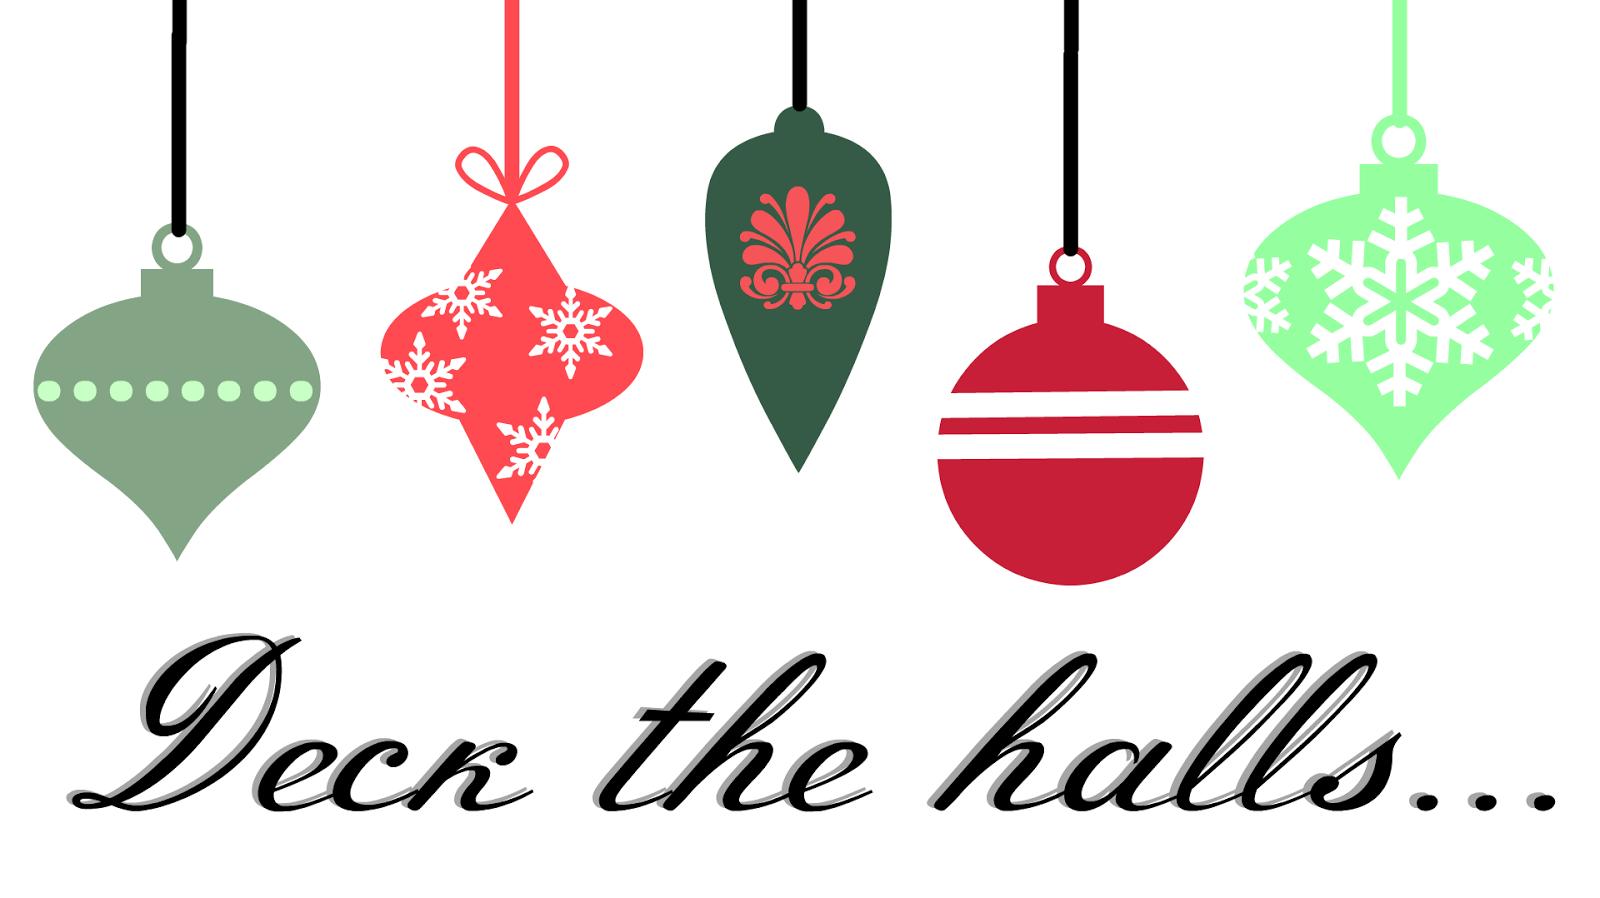 Christmas graphics!